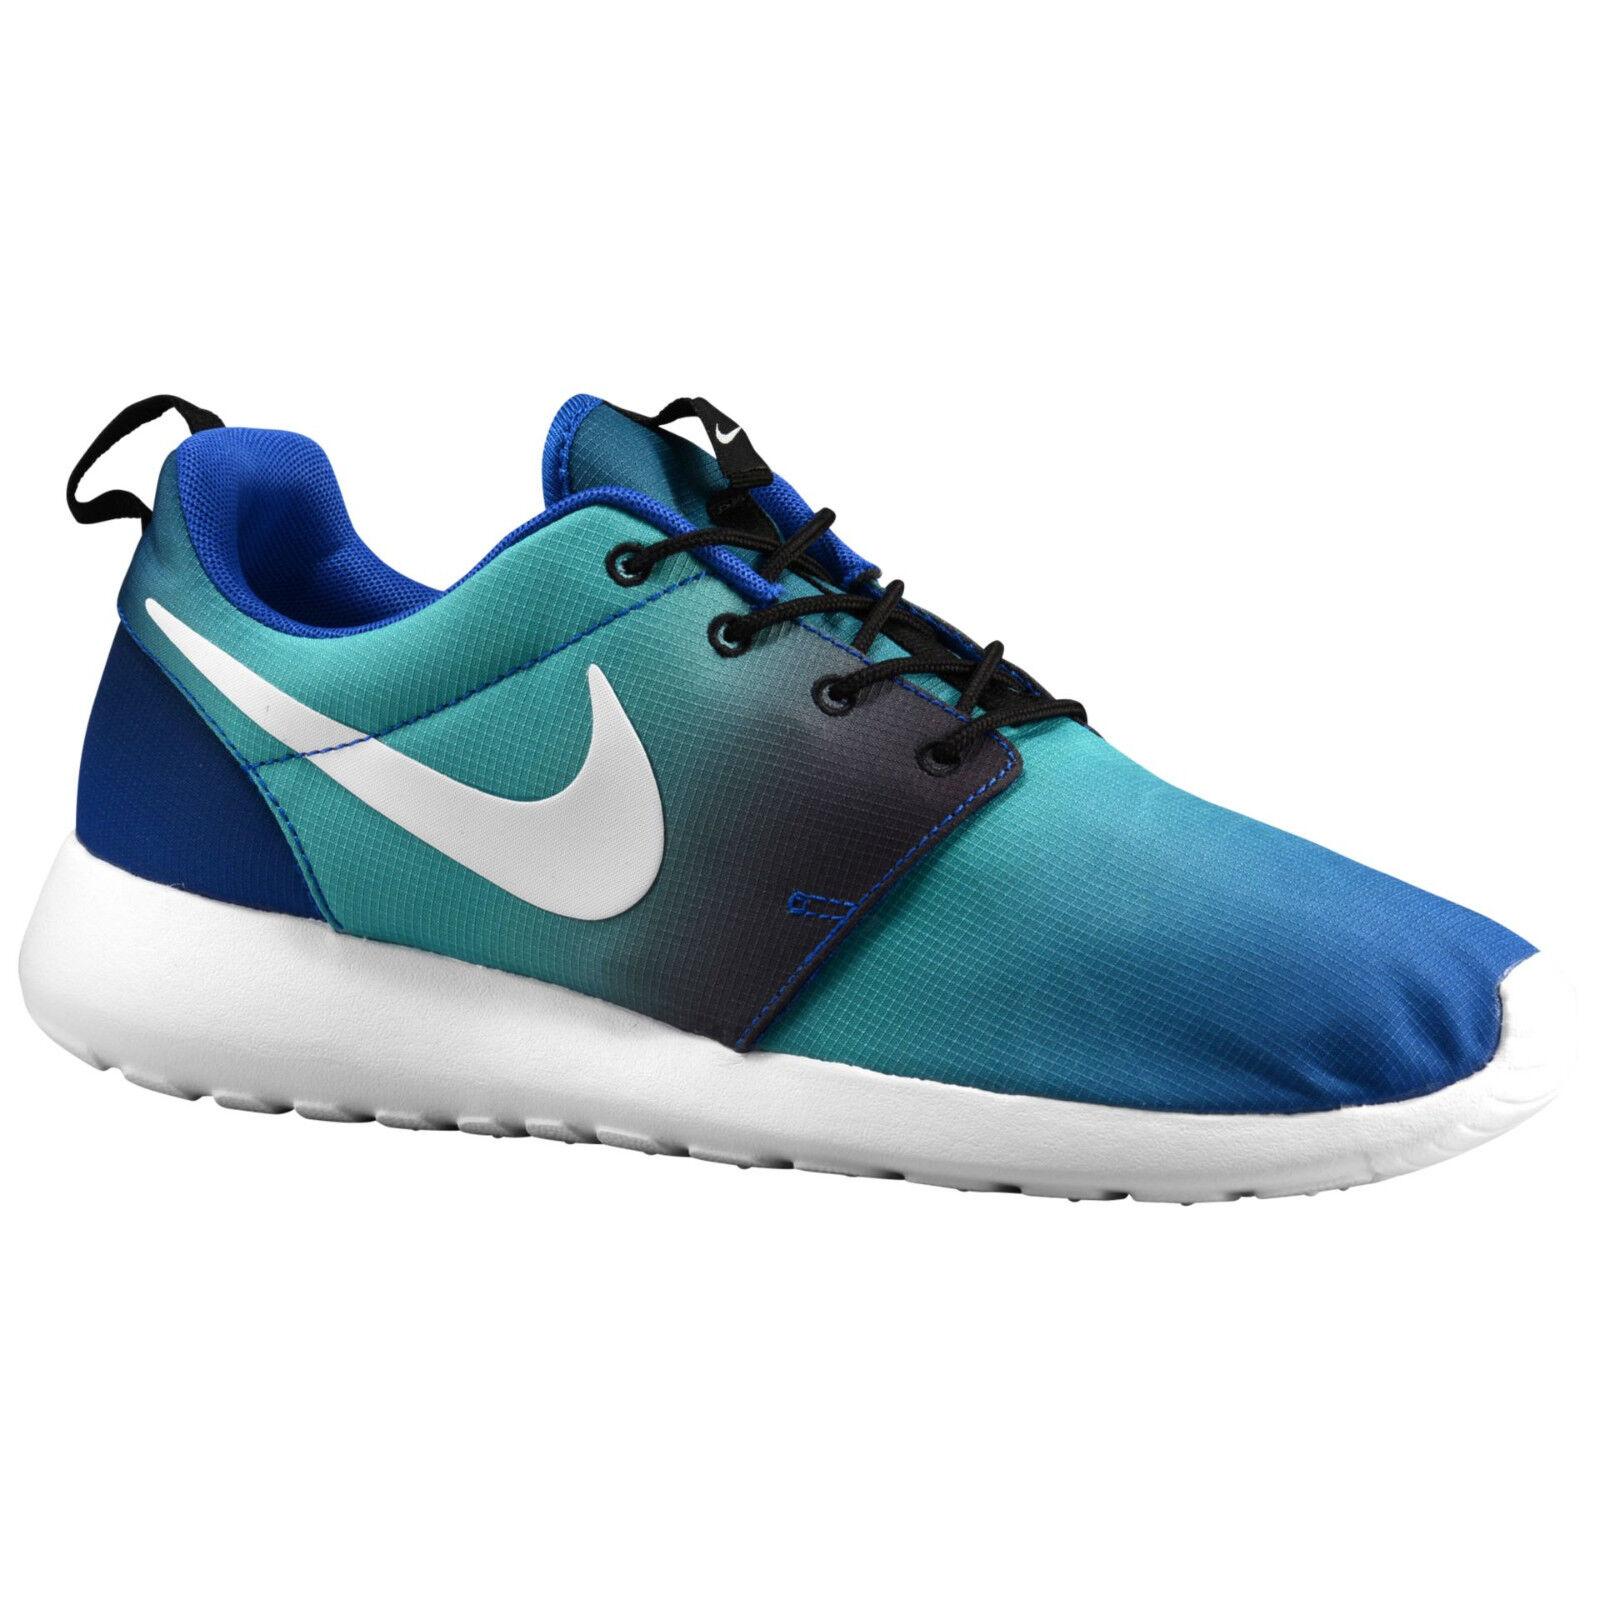 Nike Roshe ein Drucken Sz 11.5 Verblasst Königsblau Marineblau Weiß Farbverlauf Verblasst 11.5 7566c9